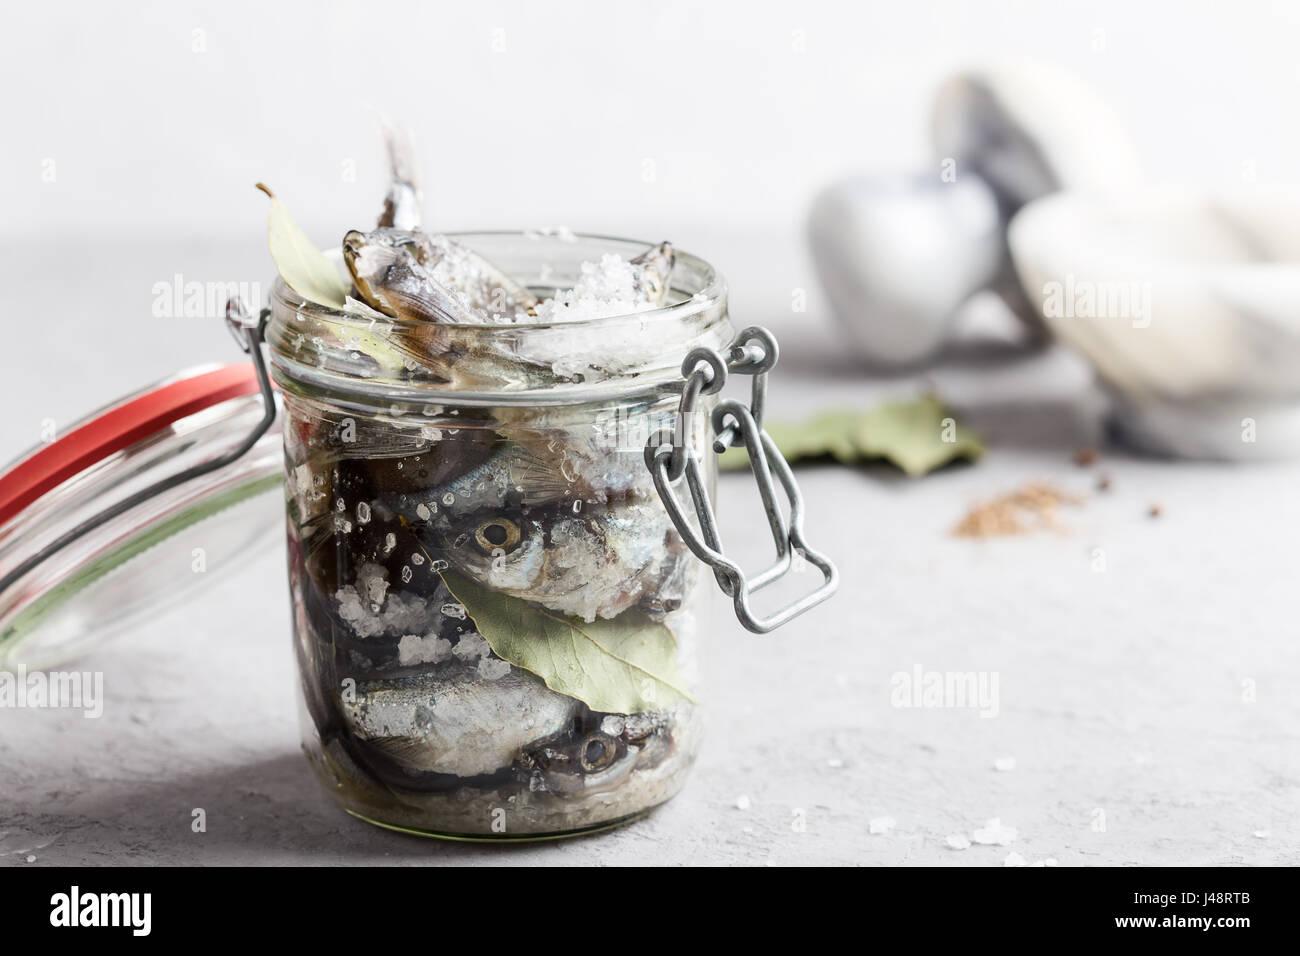 La préparation du capelan salé. Le poisson conservé pour manger Photo Stock